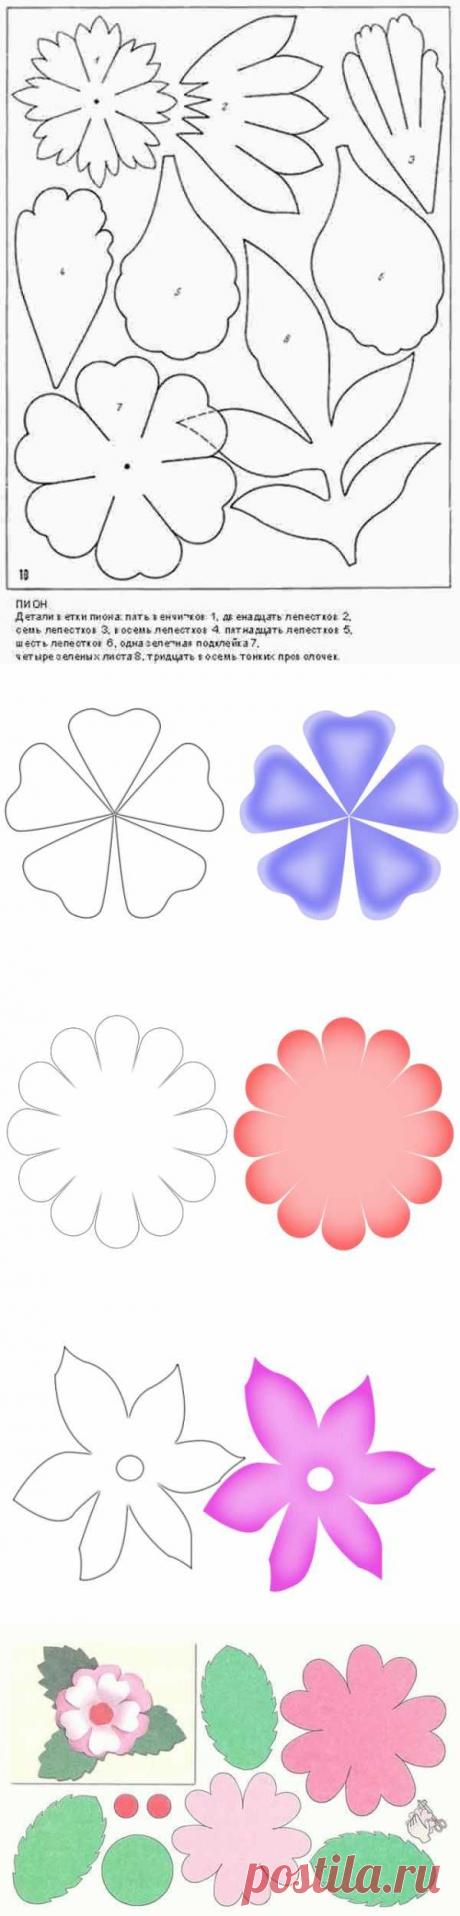 Шаблон цветочков для вырезания. Шаблоны цветов для вырезания из бумаги, которые можно распечатать